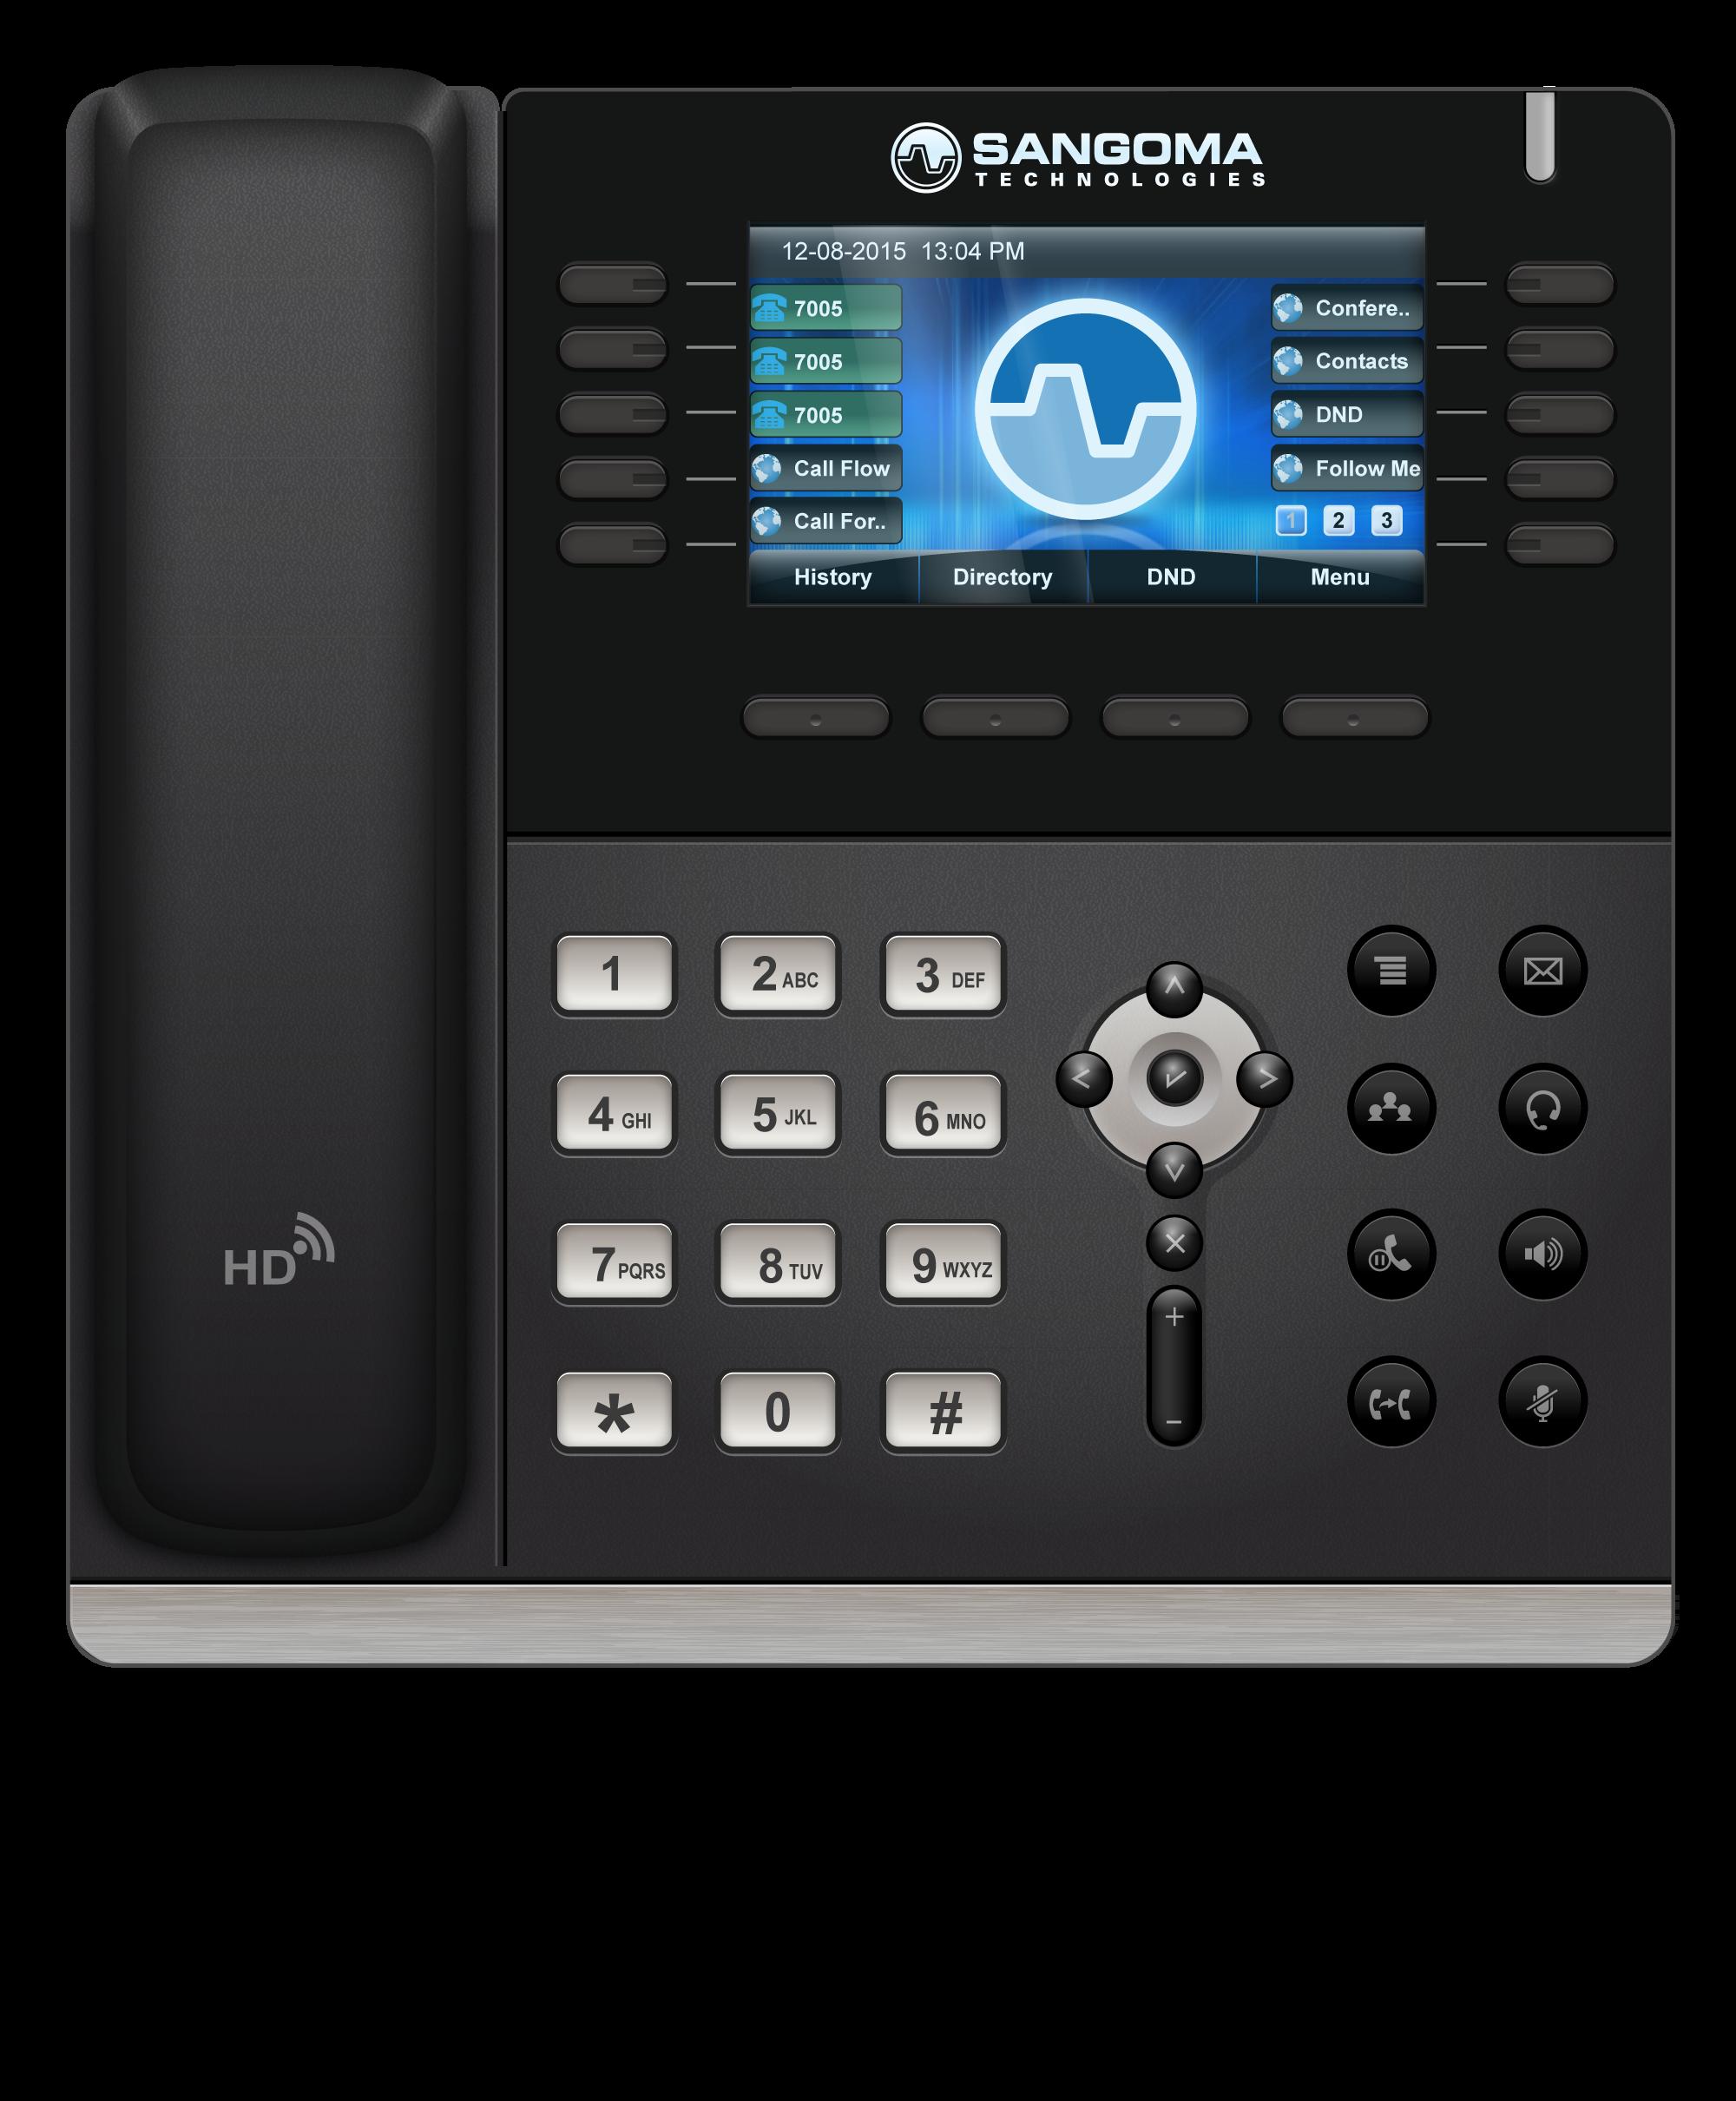 [ Vozell ] Soluciones VoIP PBX Cloud Conmutador Virtual SIP